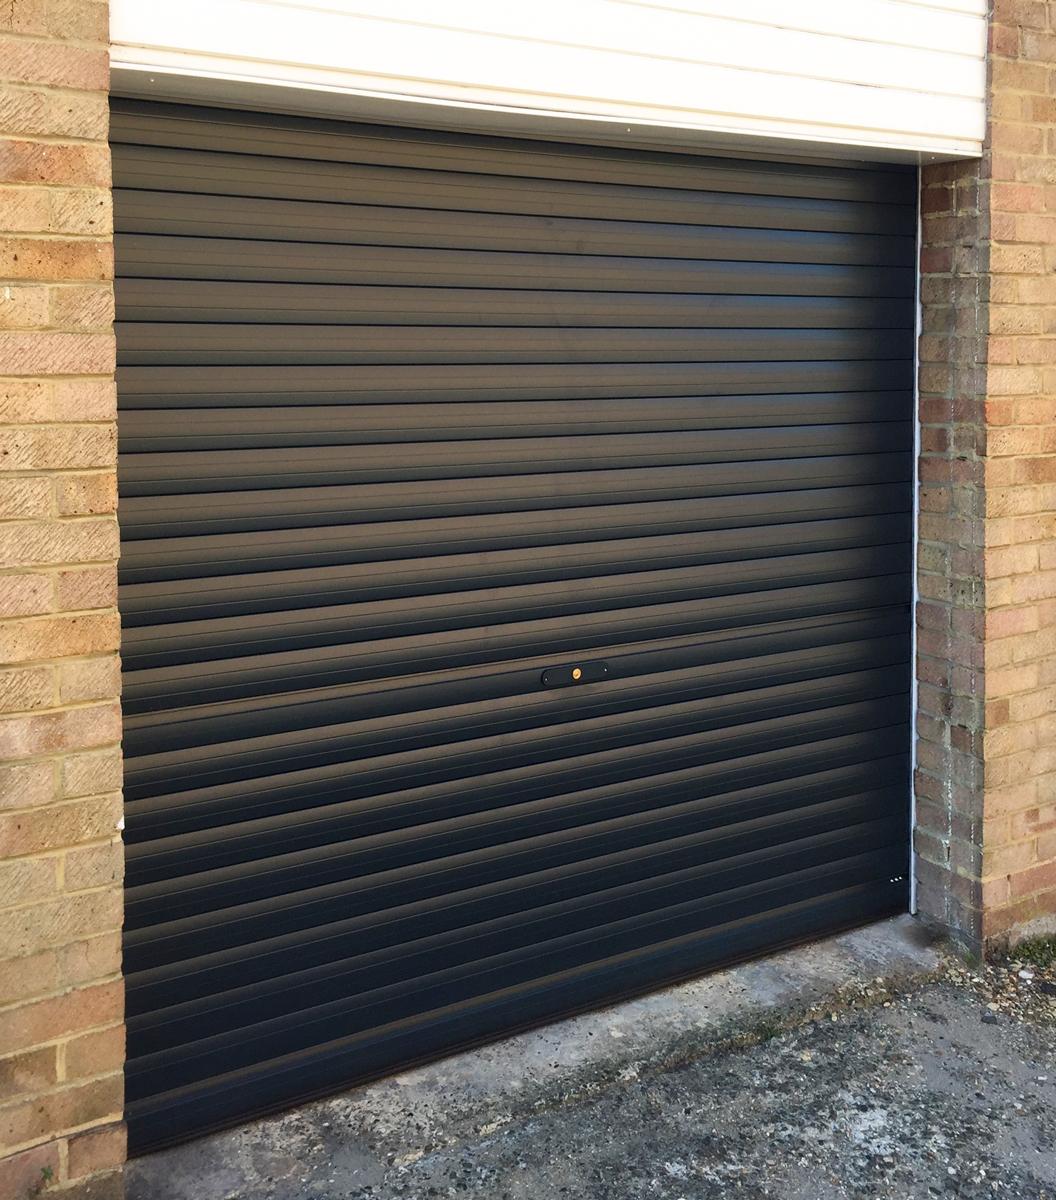 A SWS, Manual, Roller Garage Door in Black